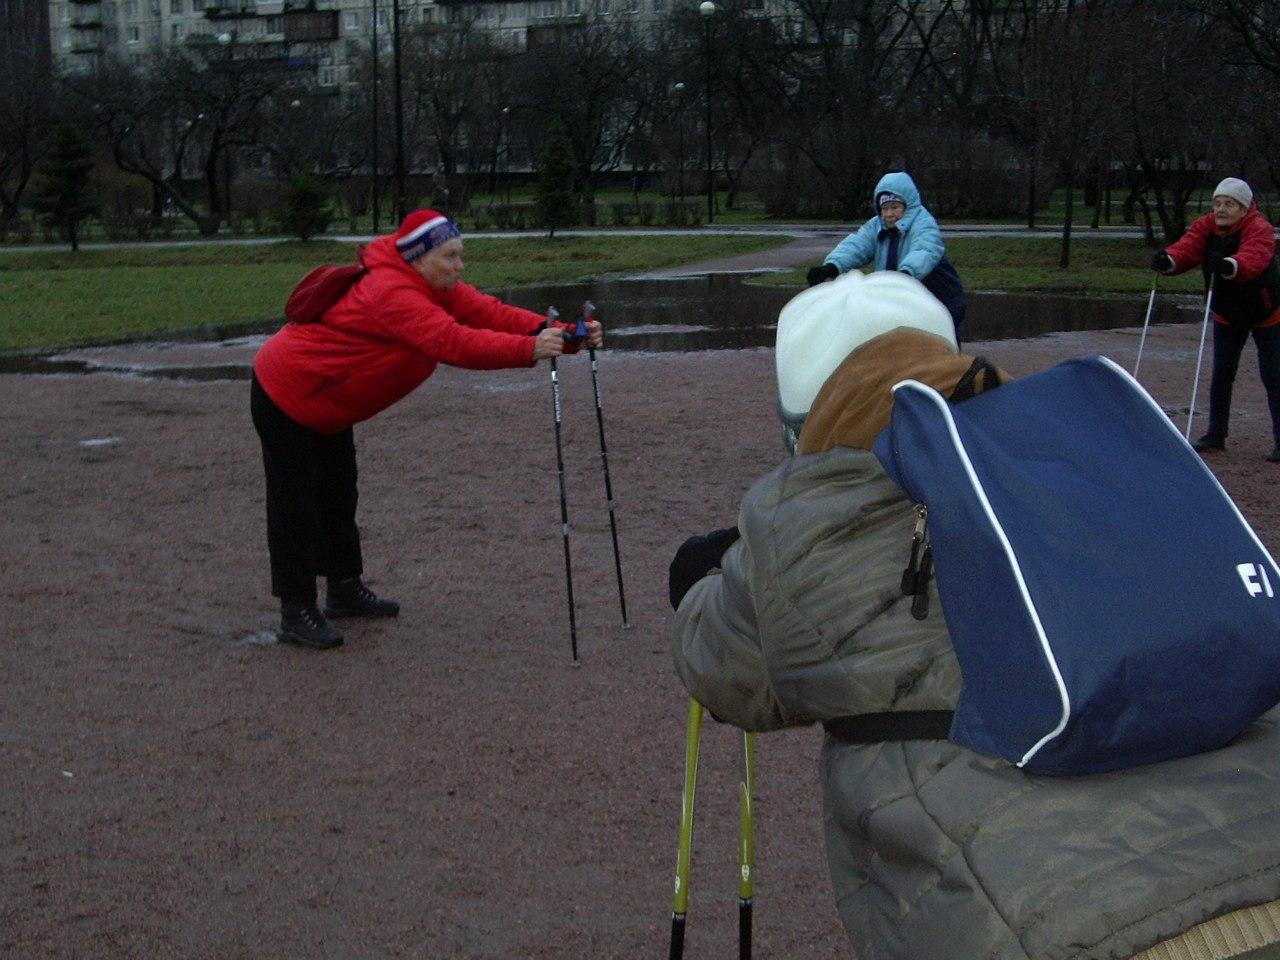 Группа «Возрождение» в Яблоневом саду 19 декабря 2015 года. Спортивный праздник «Открытие зимнего сезона во Фрунзенском районе».